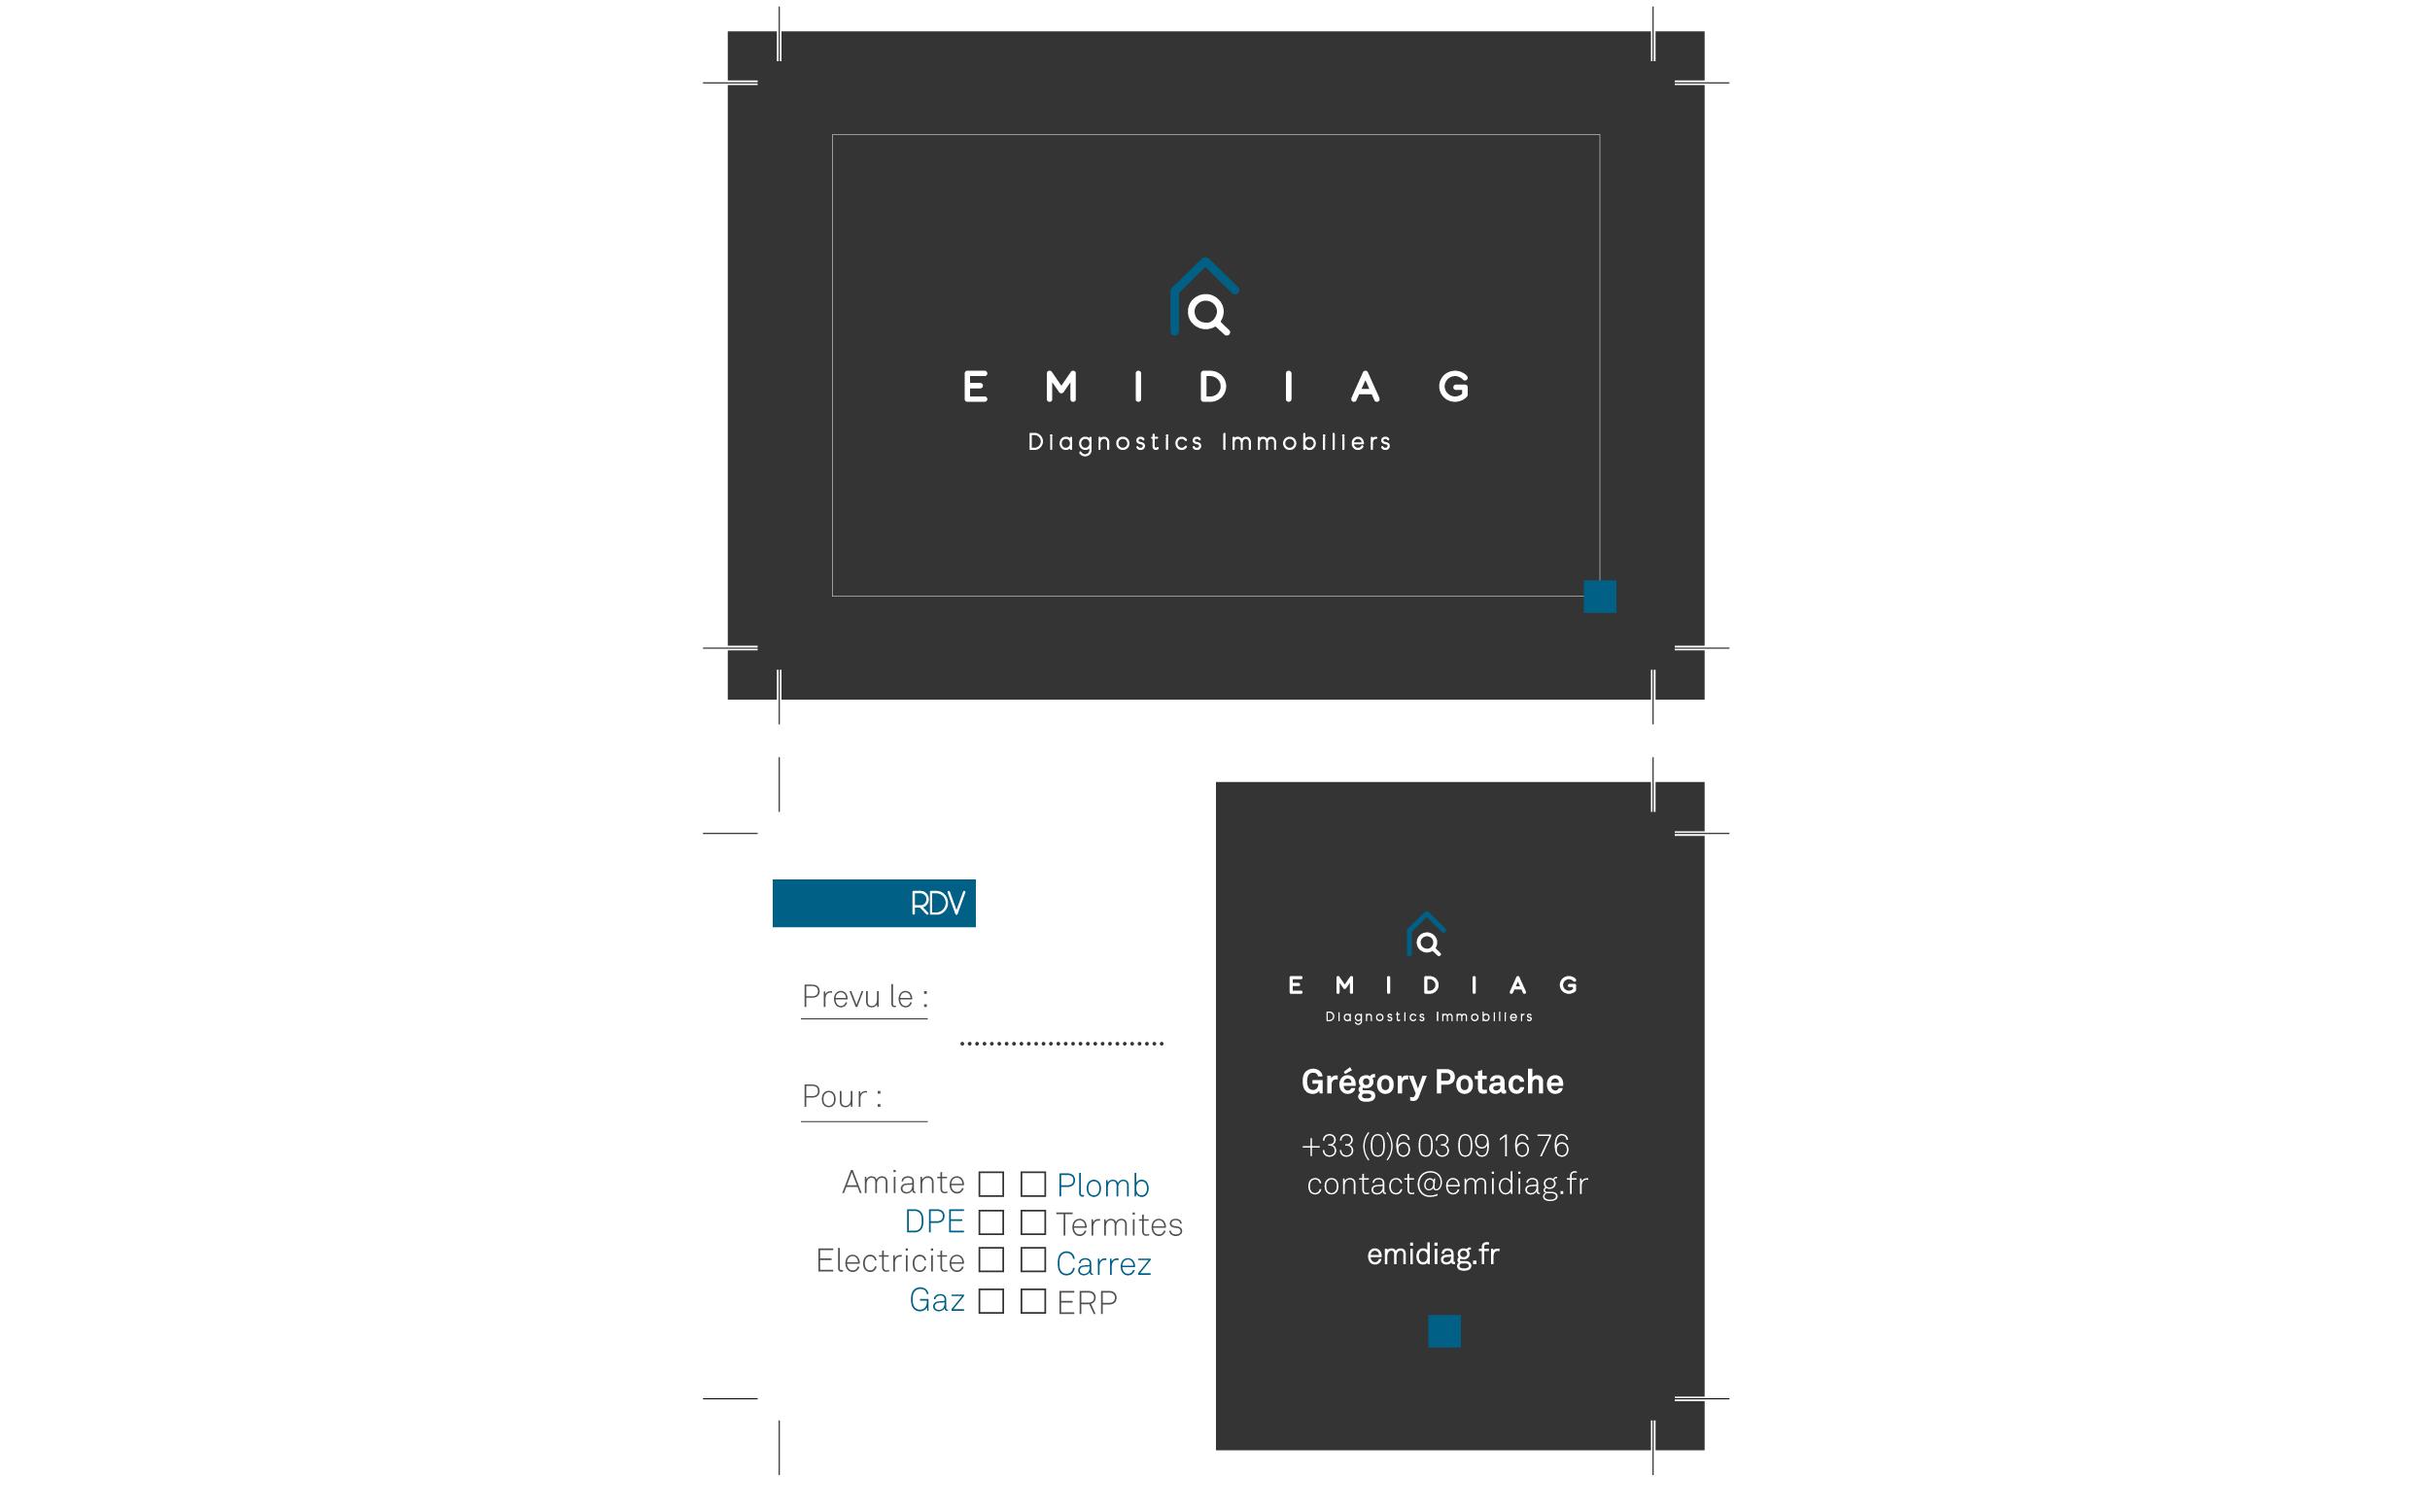 CDV-EMIDIAG-LWAS-copie